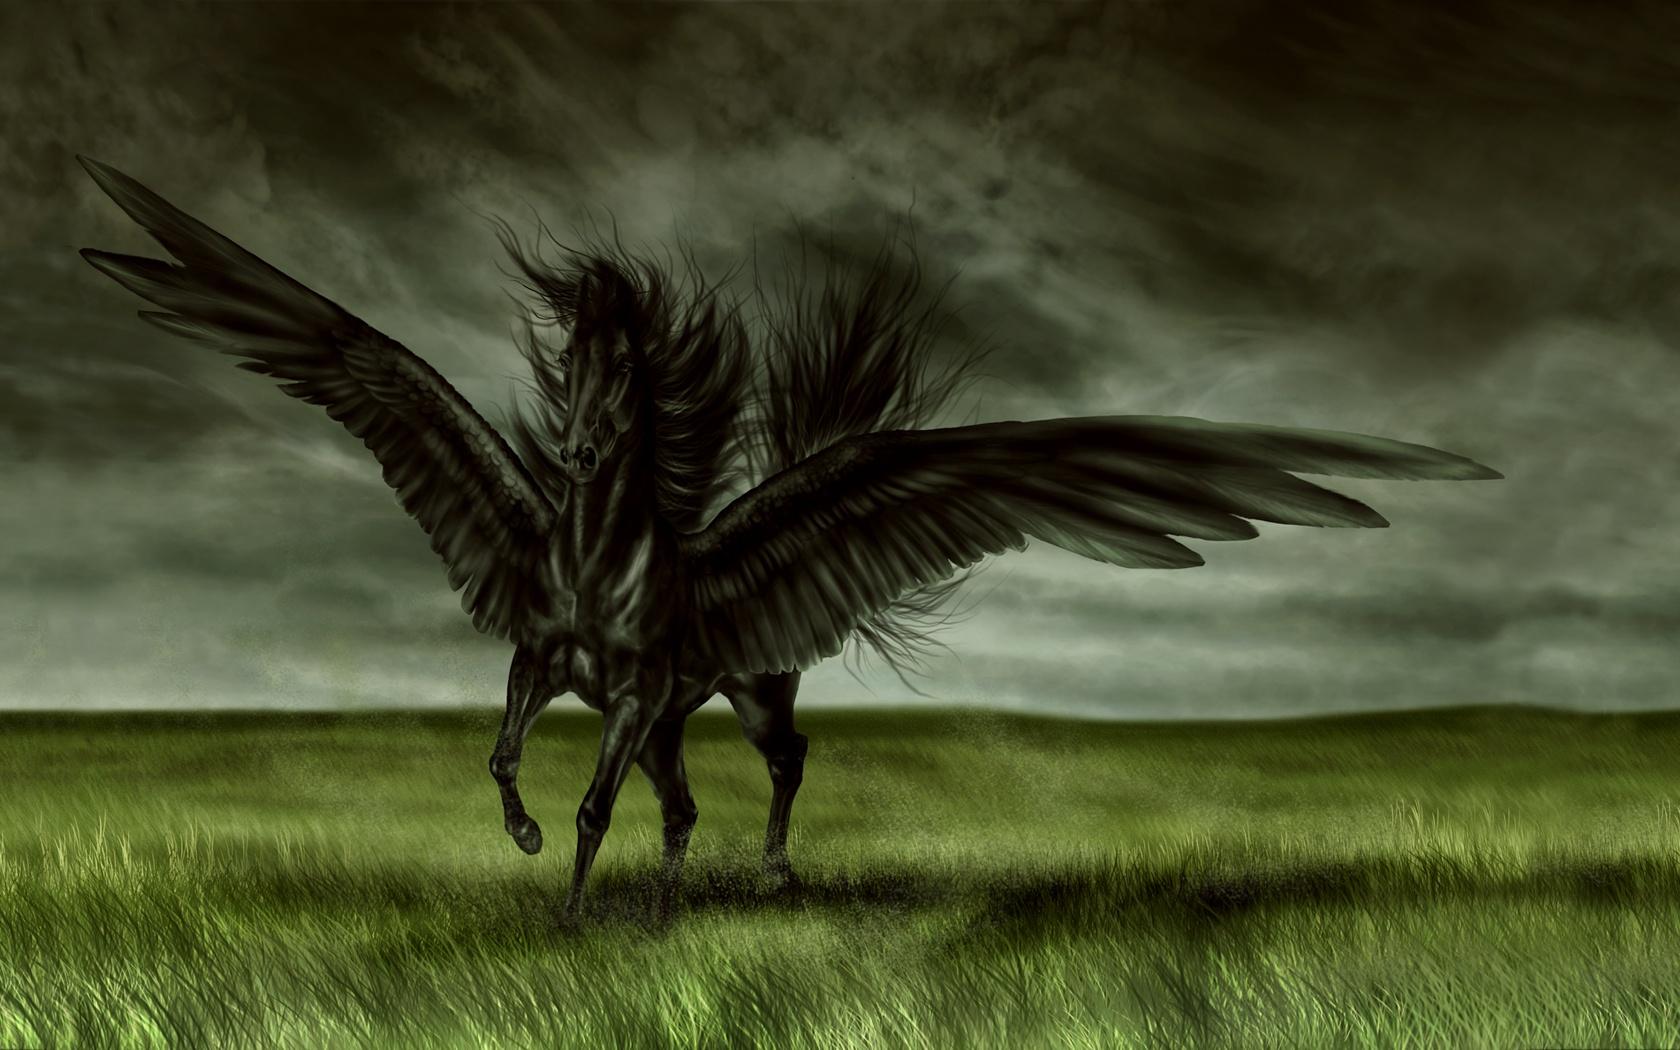 Dark Fantasy Wallpaper HD - WallpaperSafari